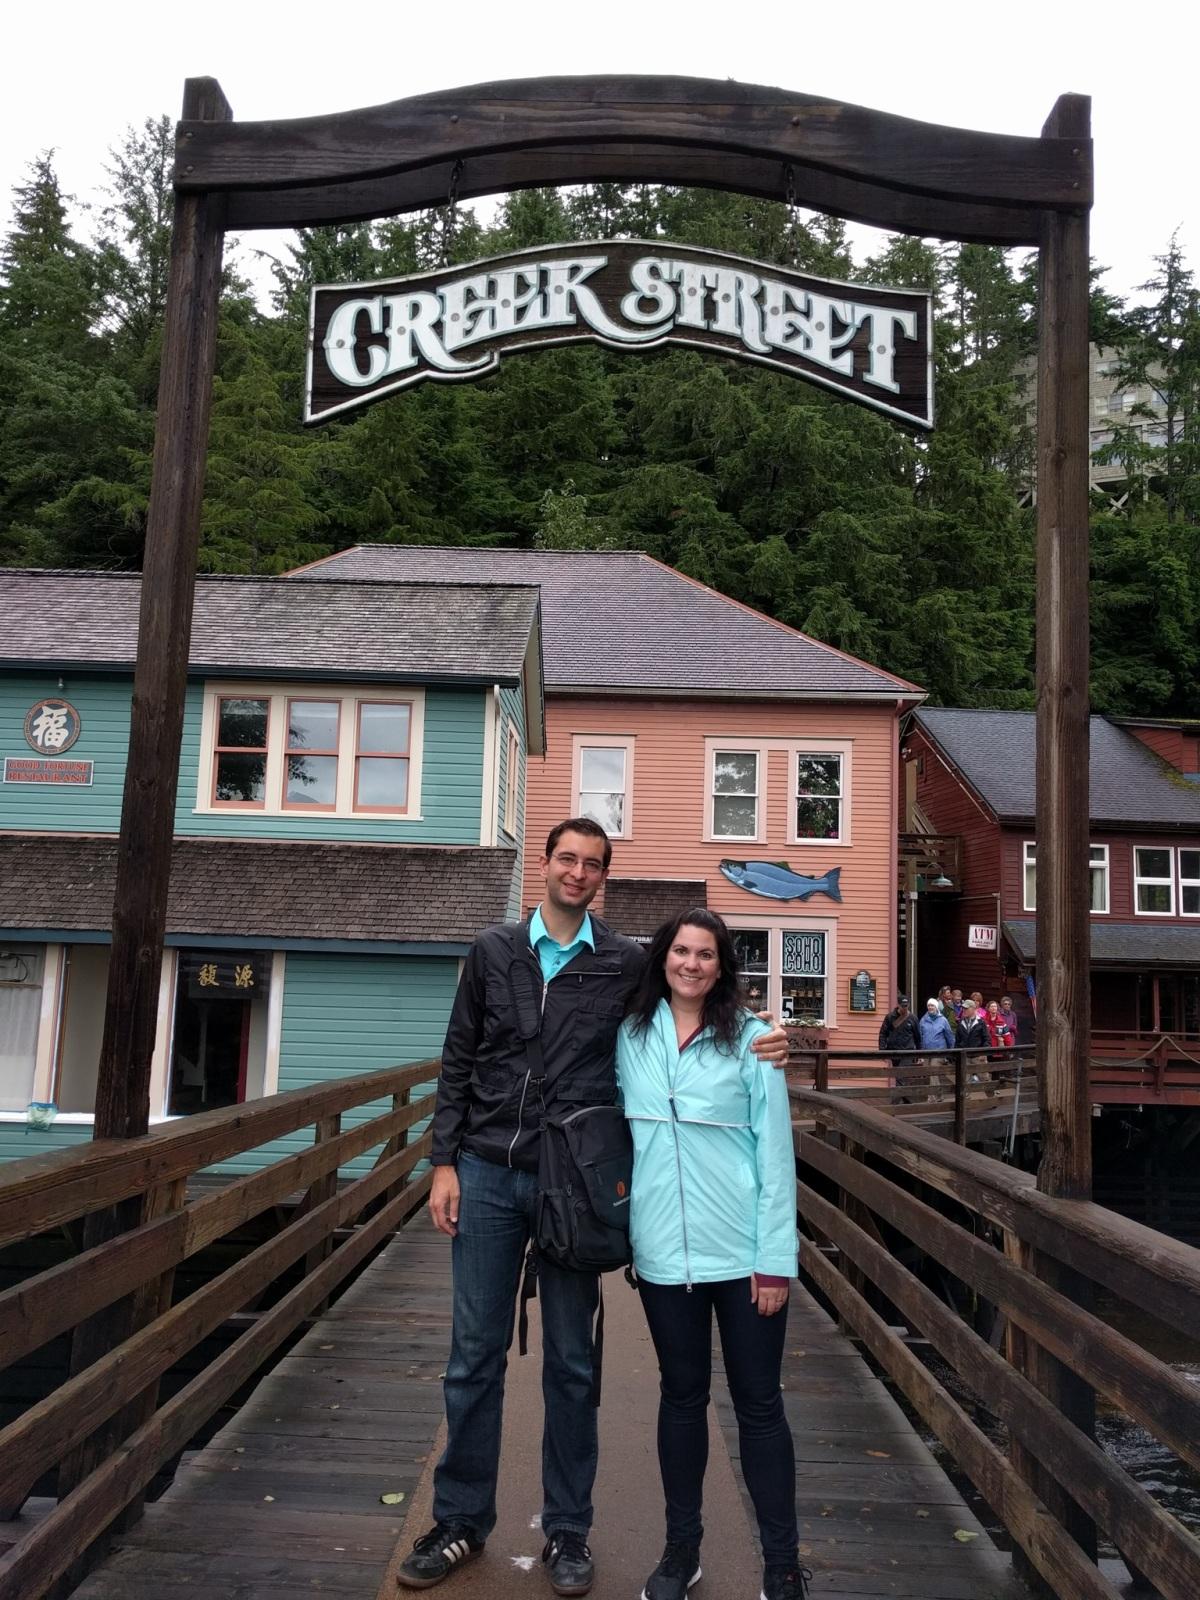 Creek Street 2